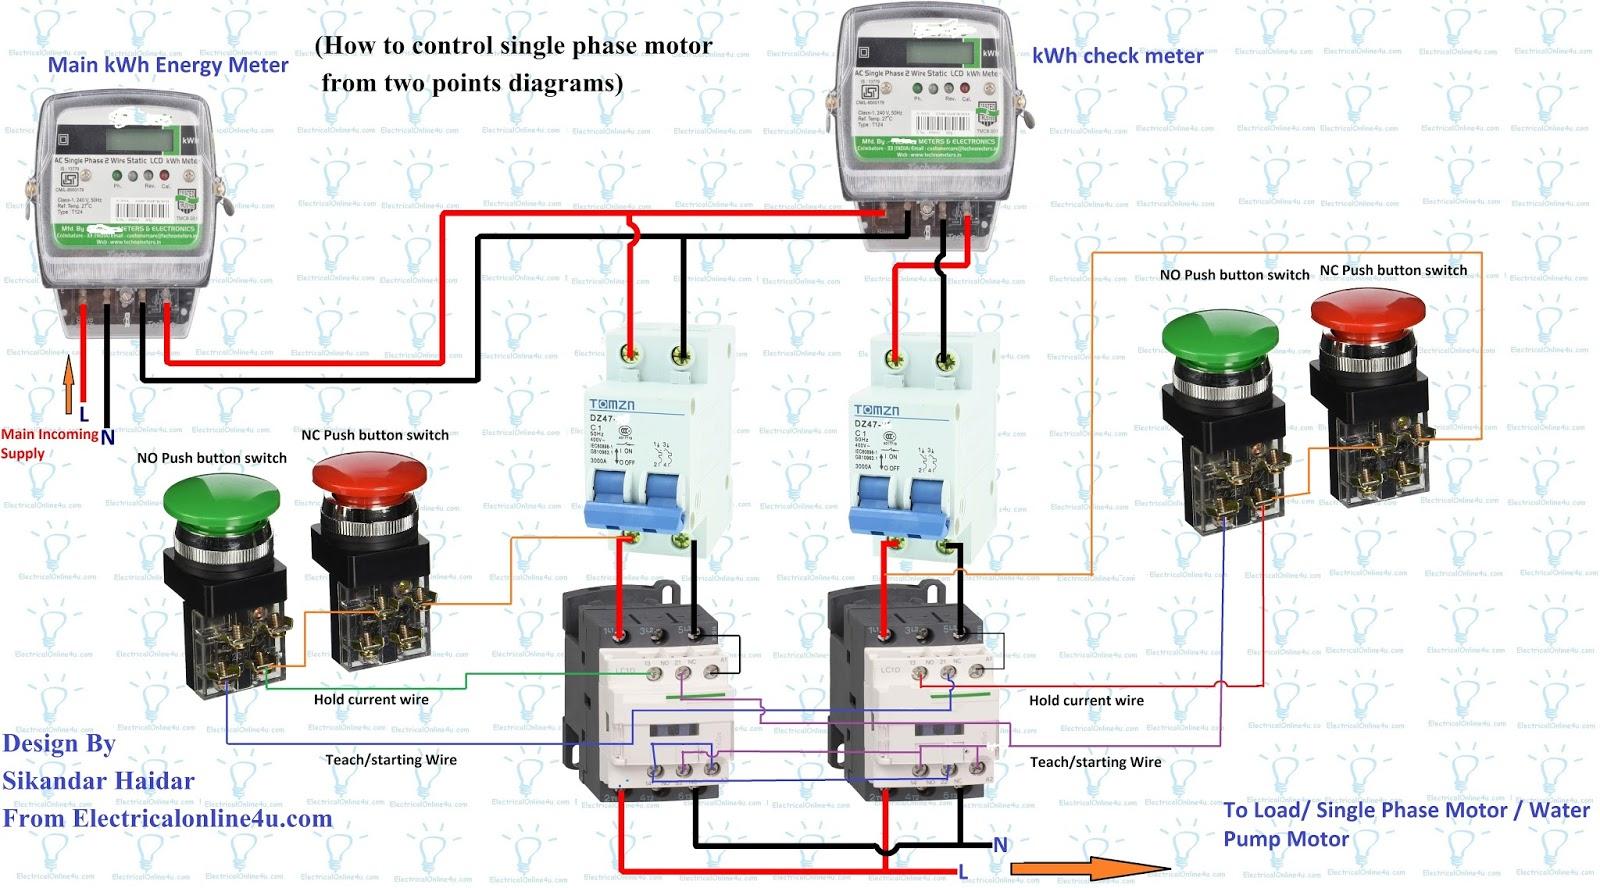 Single Phase Motor Wiring Diagram Single Phase Motor Wiring Diagrams 1